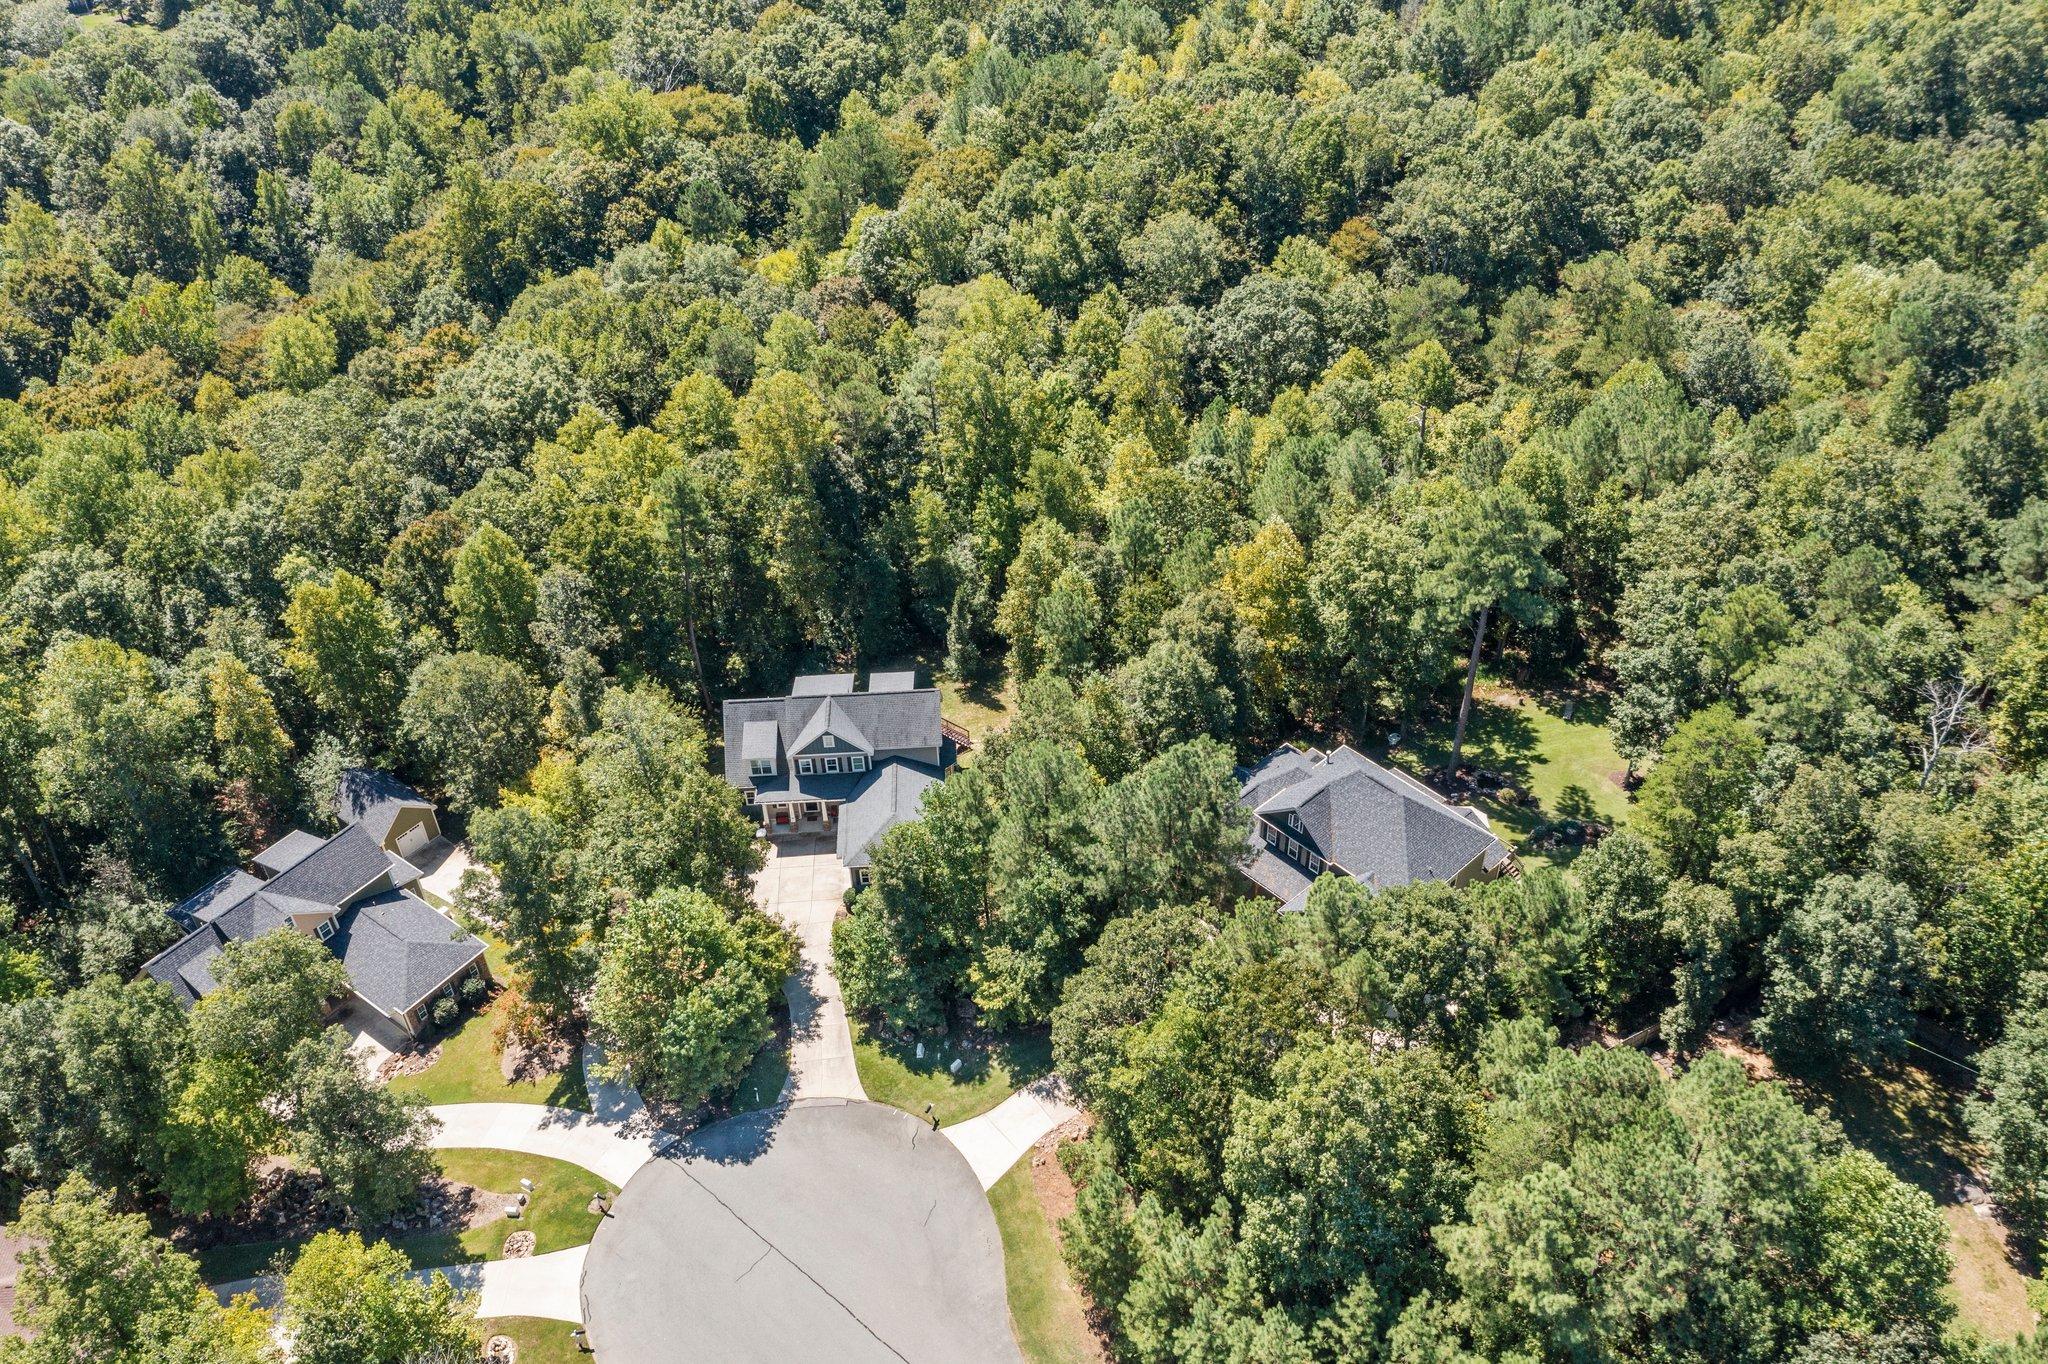 64 Ada Ct, Pittsboro, NC 27312, USA Photo 45